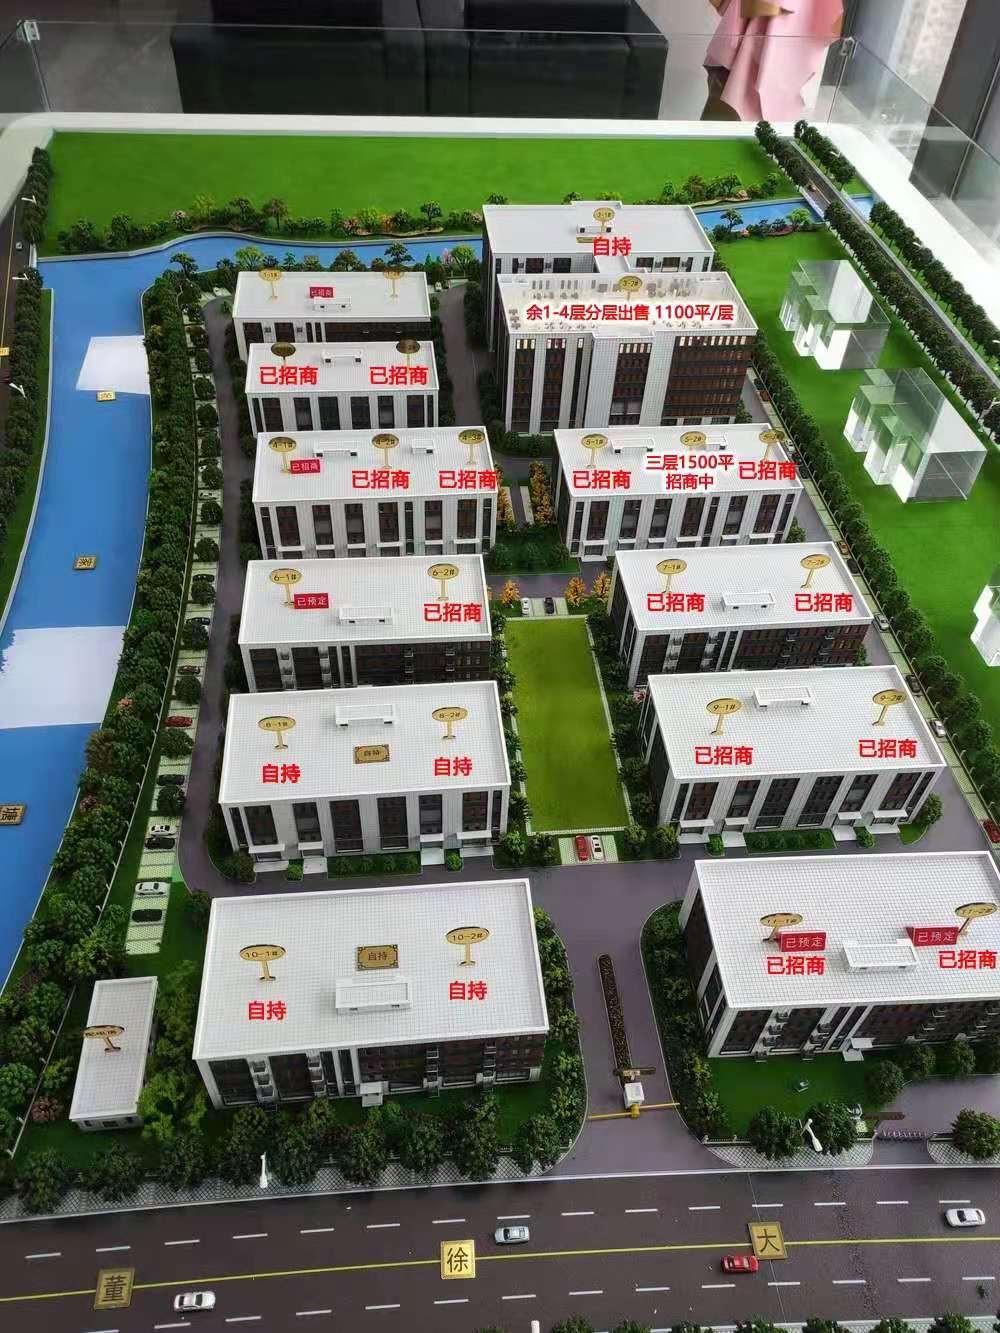 中南高科-苏州常熟董浜现代智造产业园标准独栋厂房出售 3层独栋1500平、1800平、3600平 50年独立产证